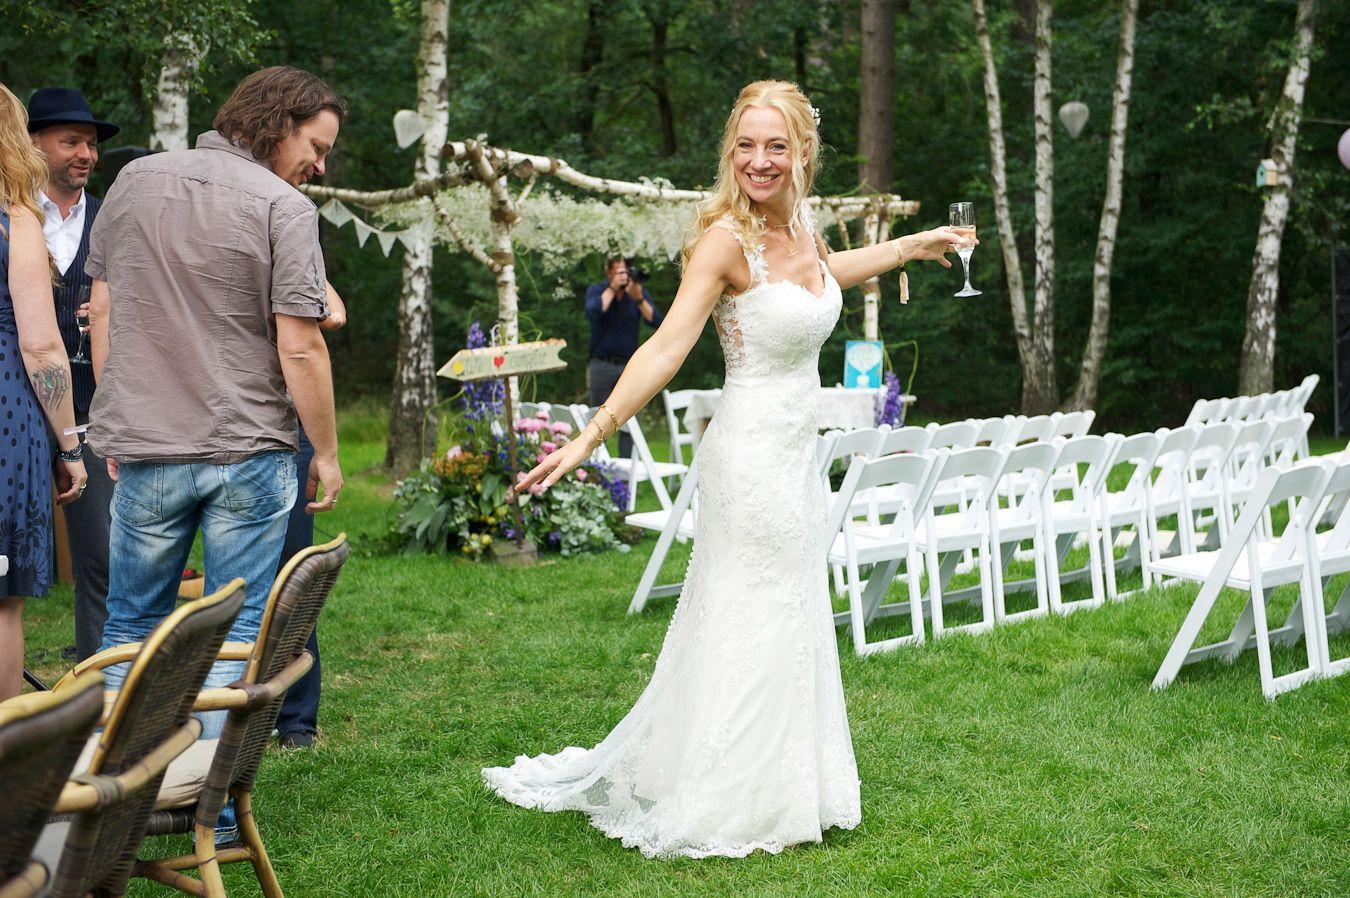 Mijn Trouwjurk Die Ik Droeg Tijdens Onze Festival Bruiloft